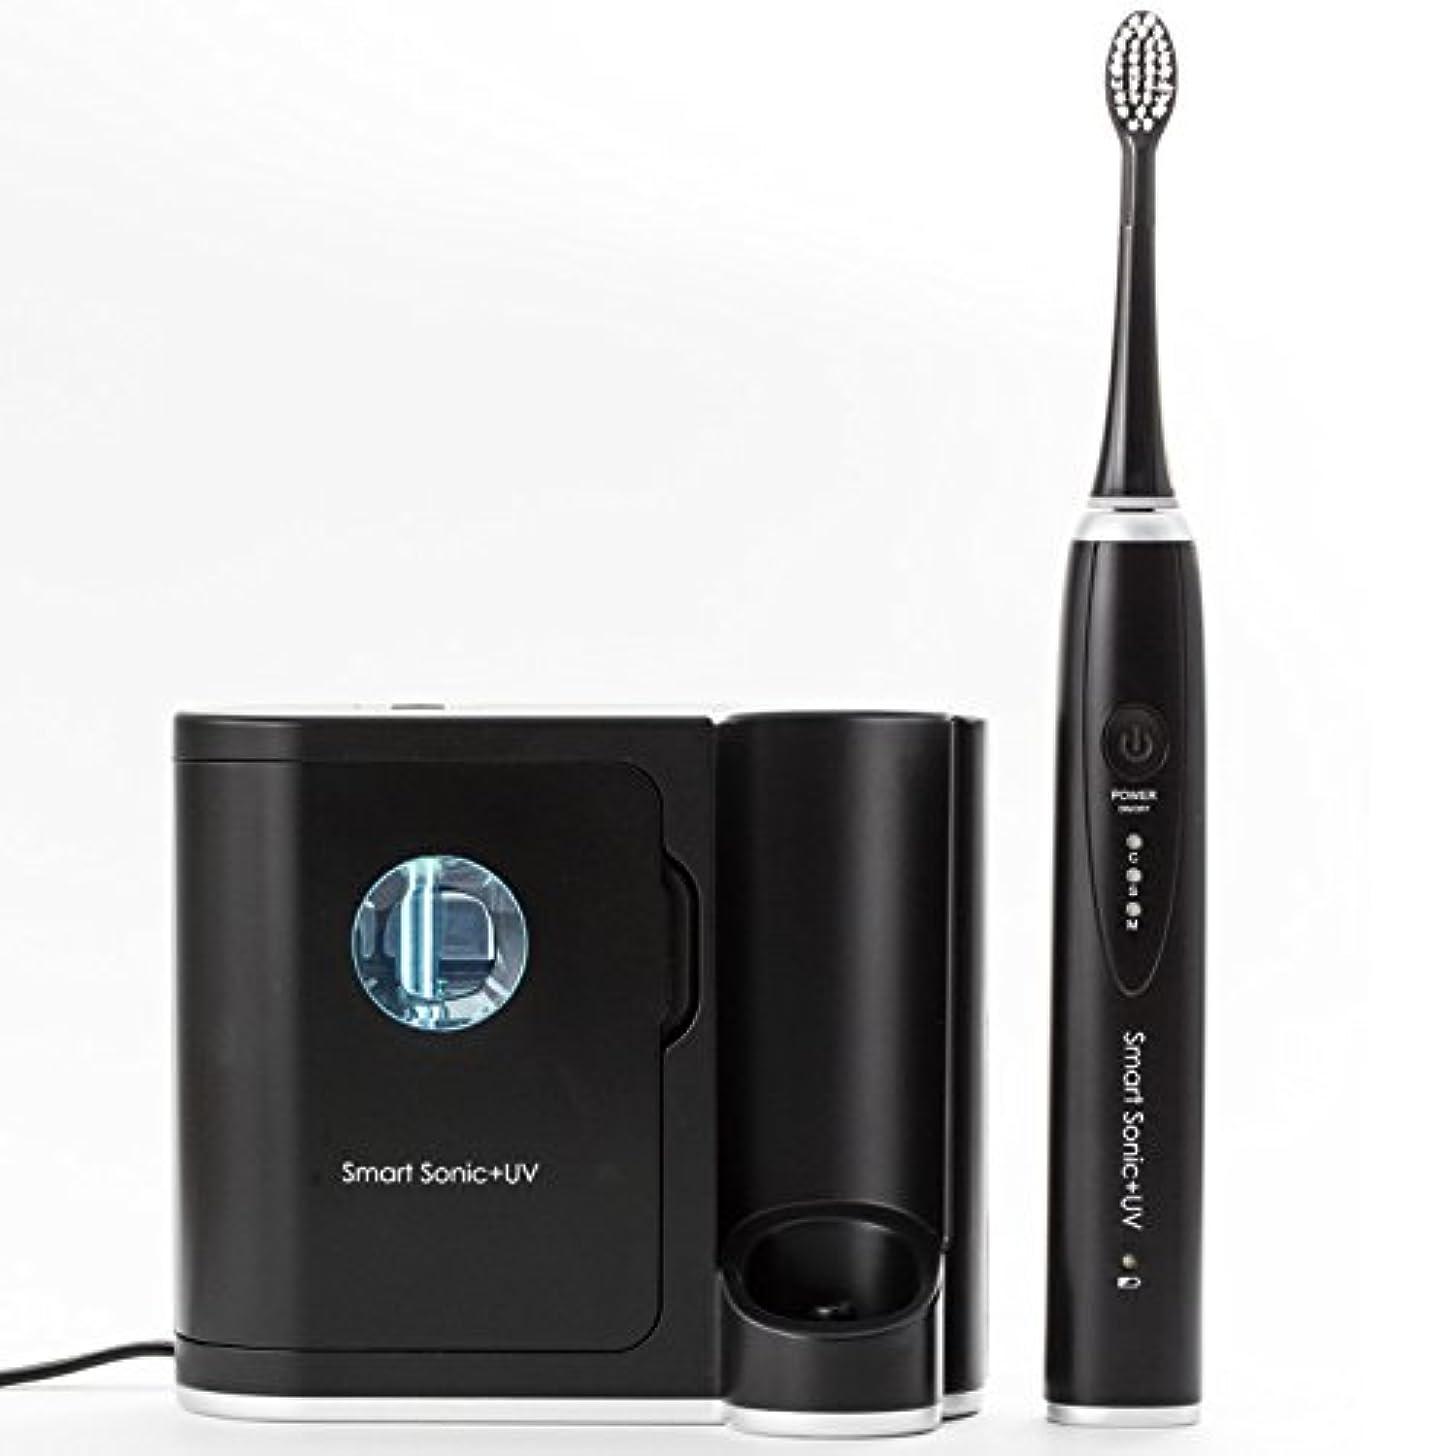 音声学透明に男やもめ音波歯ブラシ UV 紫外線除菌 歯ブラシ 殺菌機能付き 電動歯ブラシ スマートソニック プラス UV Smart Sonic UV